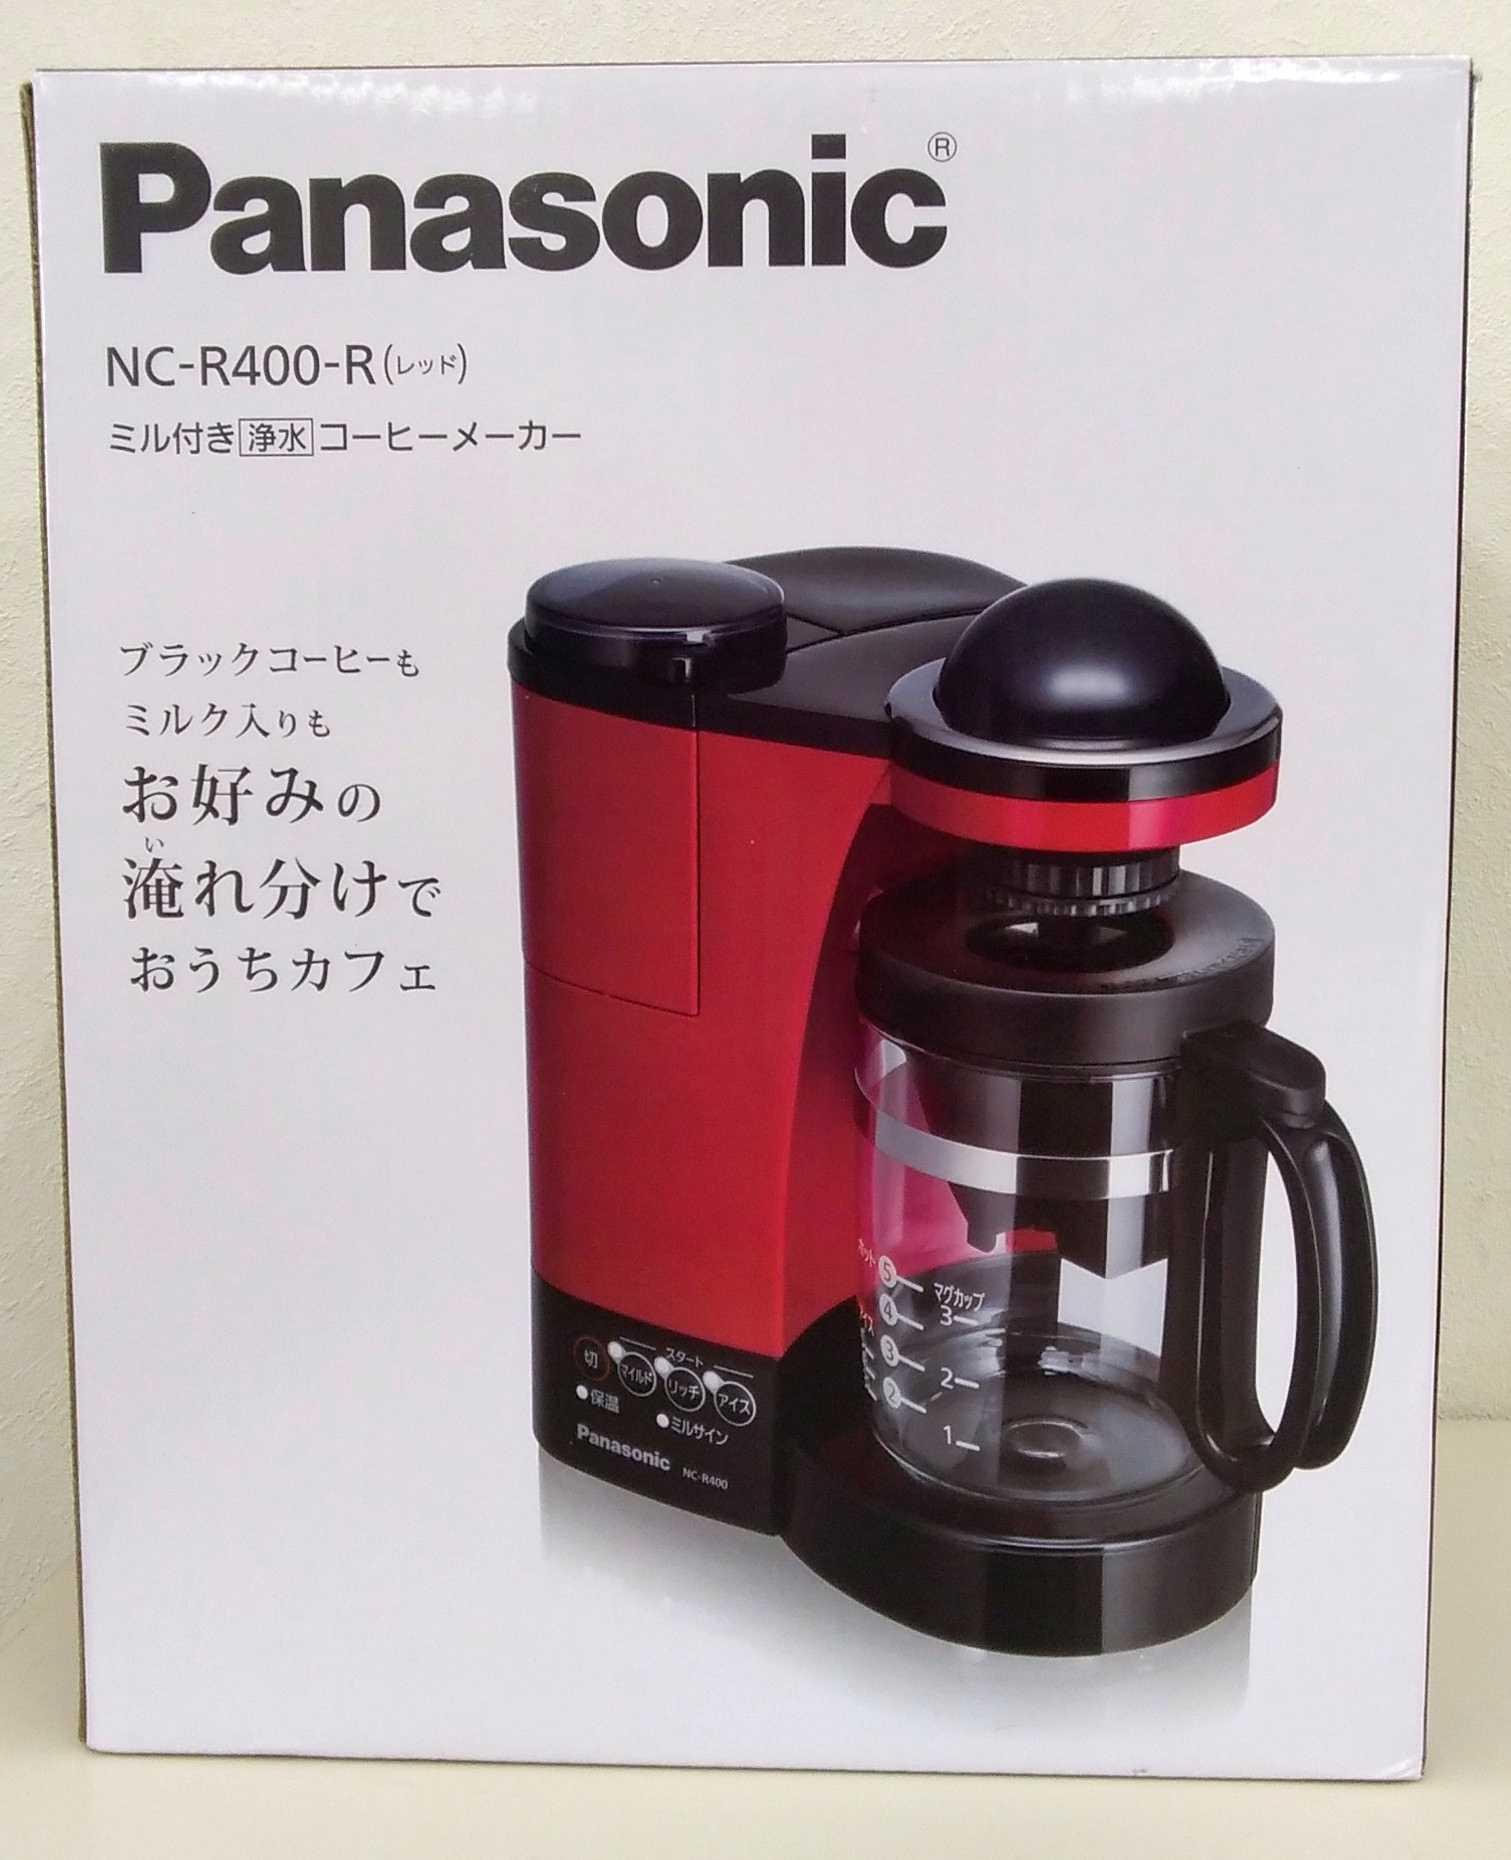 ミル付き洗浄コーヒーメーカー PANASONIC